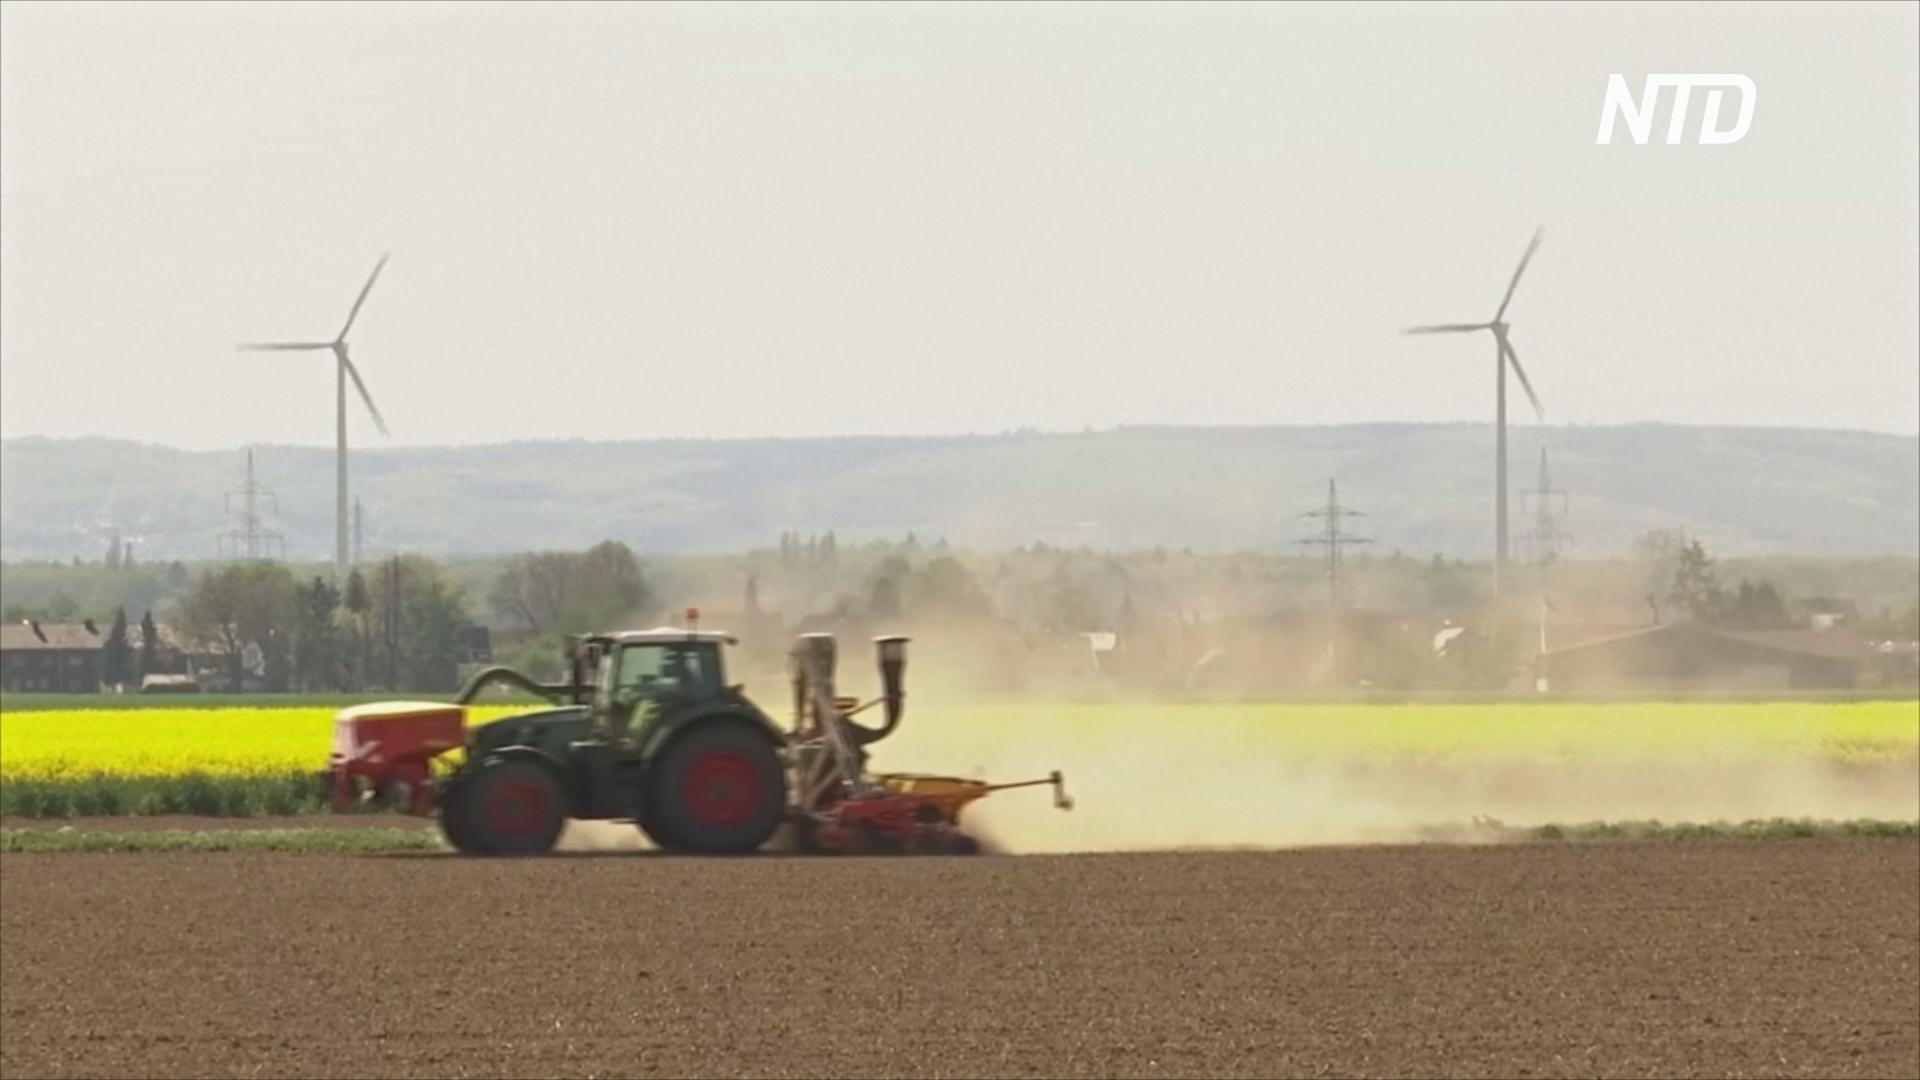 Засуха угрожает сельскому хозяйству Германии